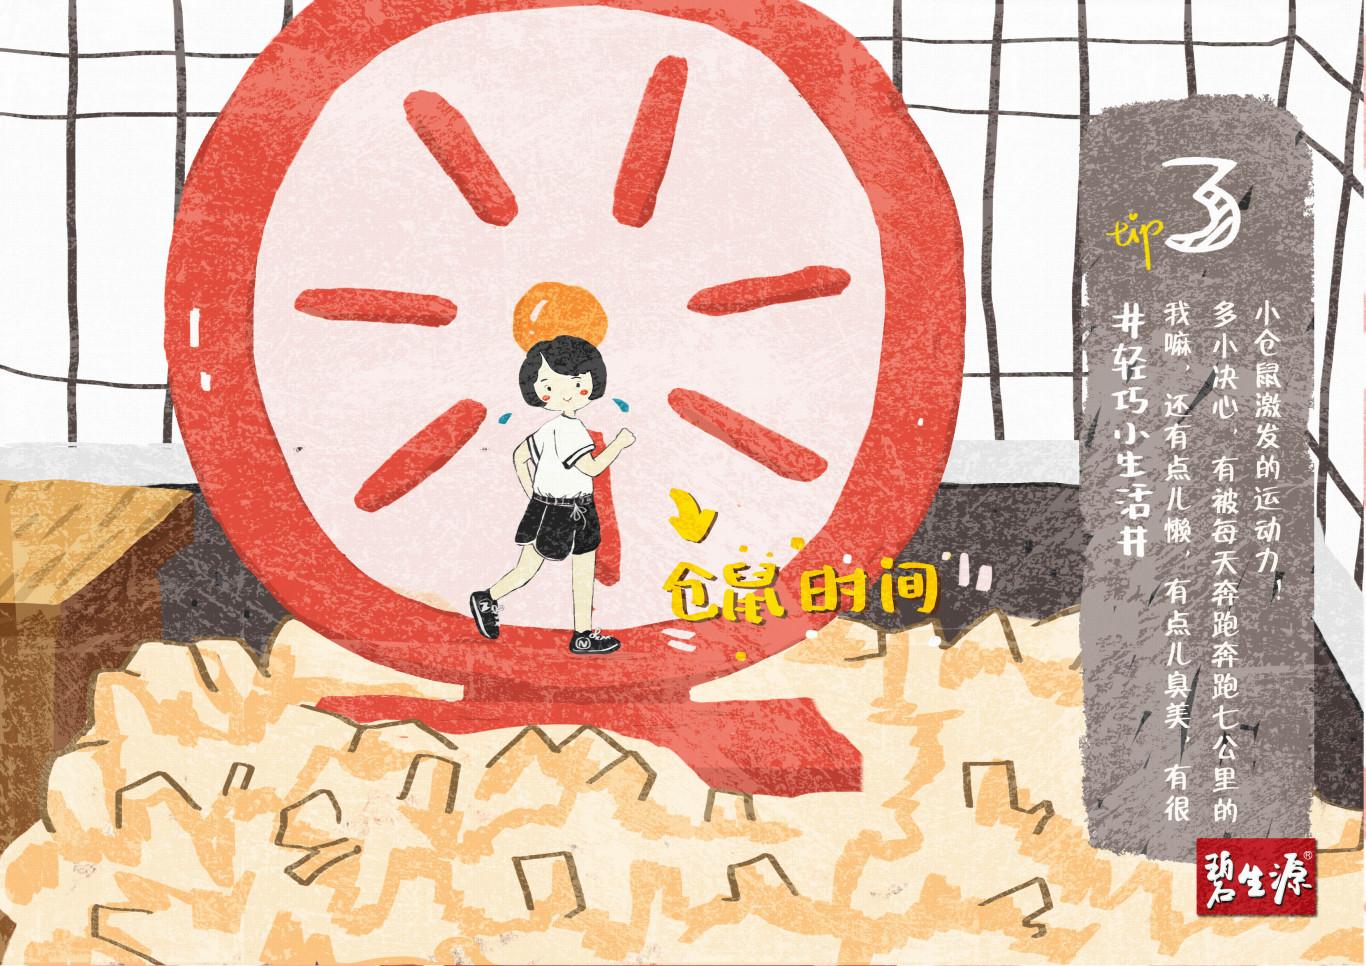 碧生源减肥茶_碧生源减肥产品的系列插画海报-商业插画作品|公司-特创易·GO